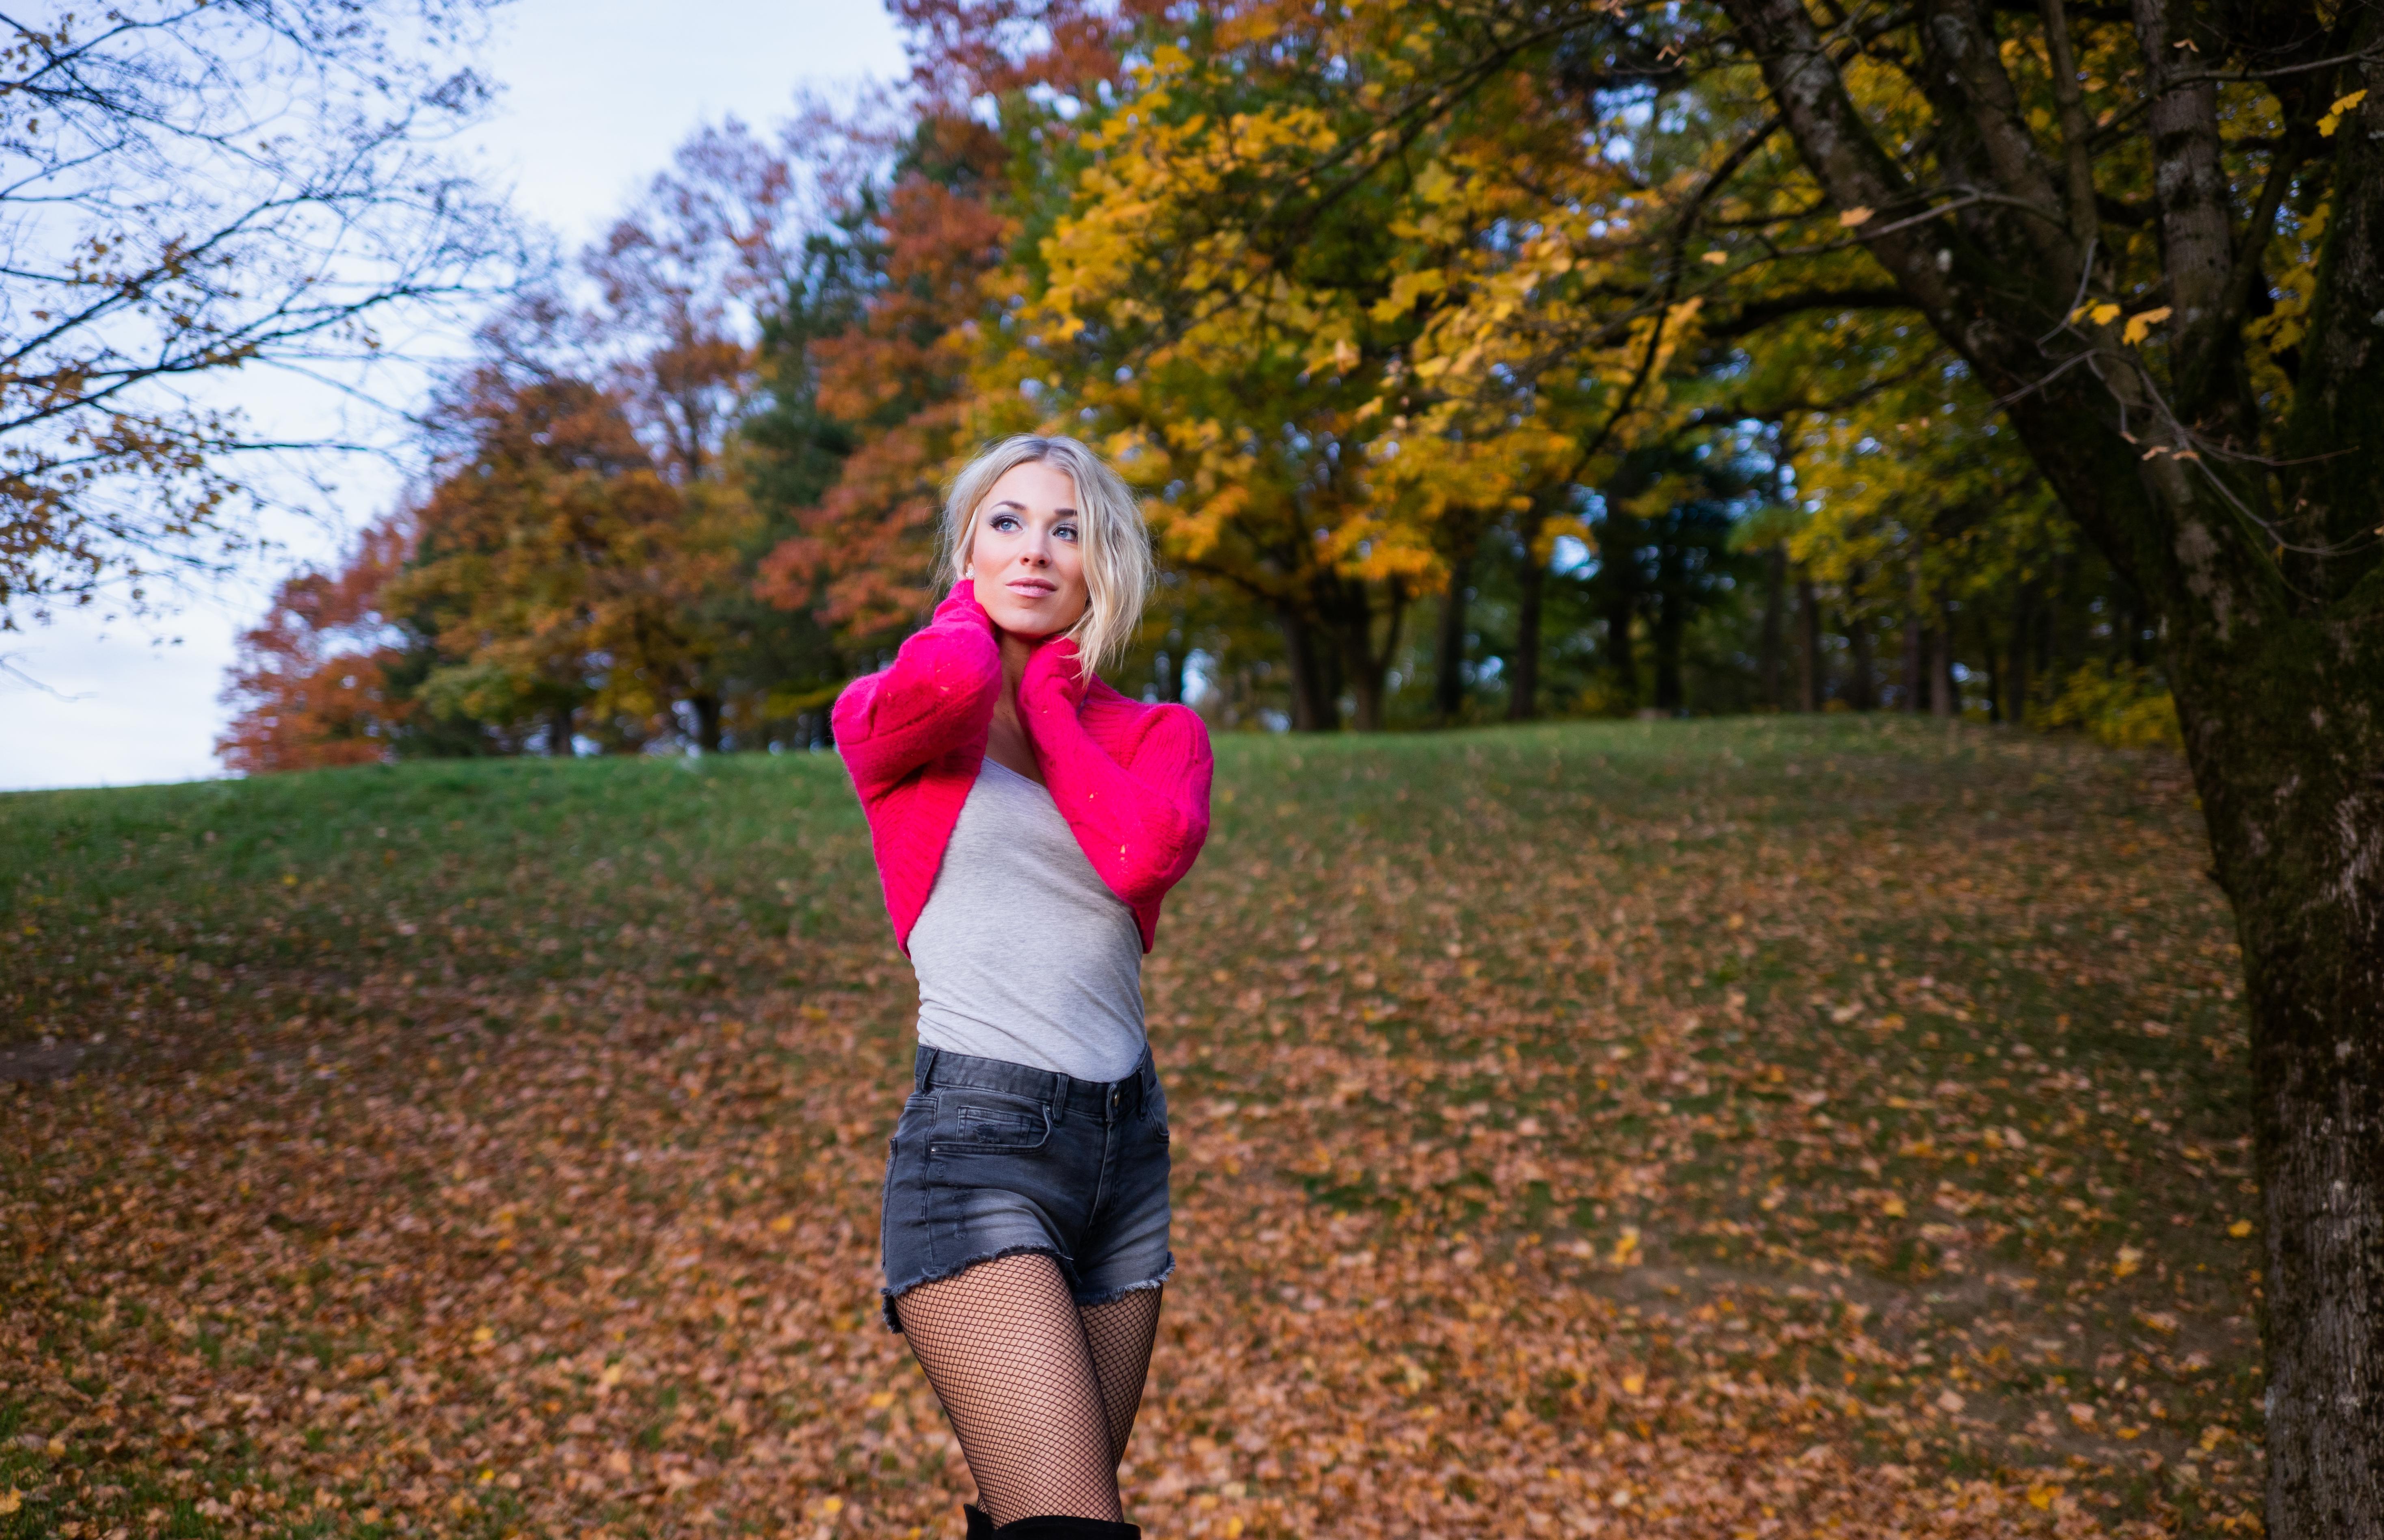 girl autumn park 1575665976 - Girl Autumn Park -